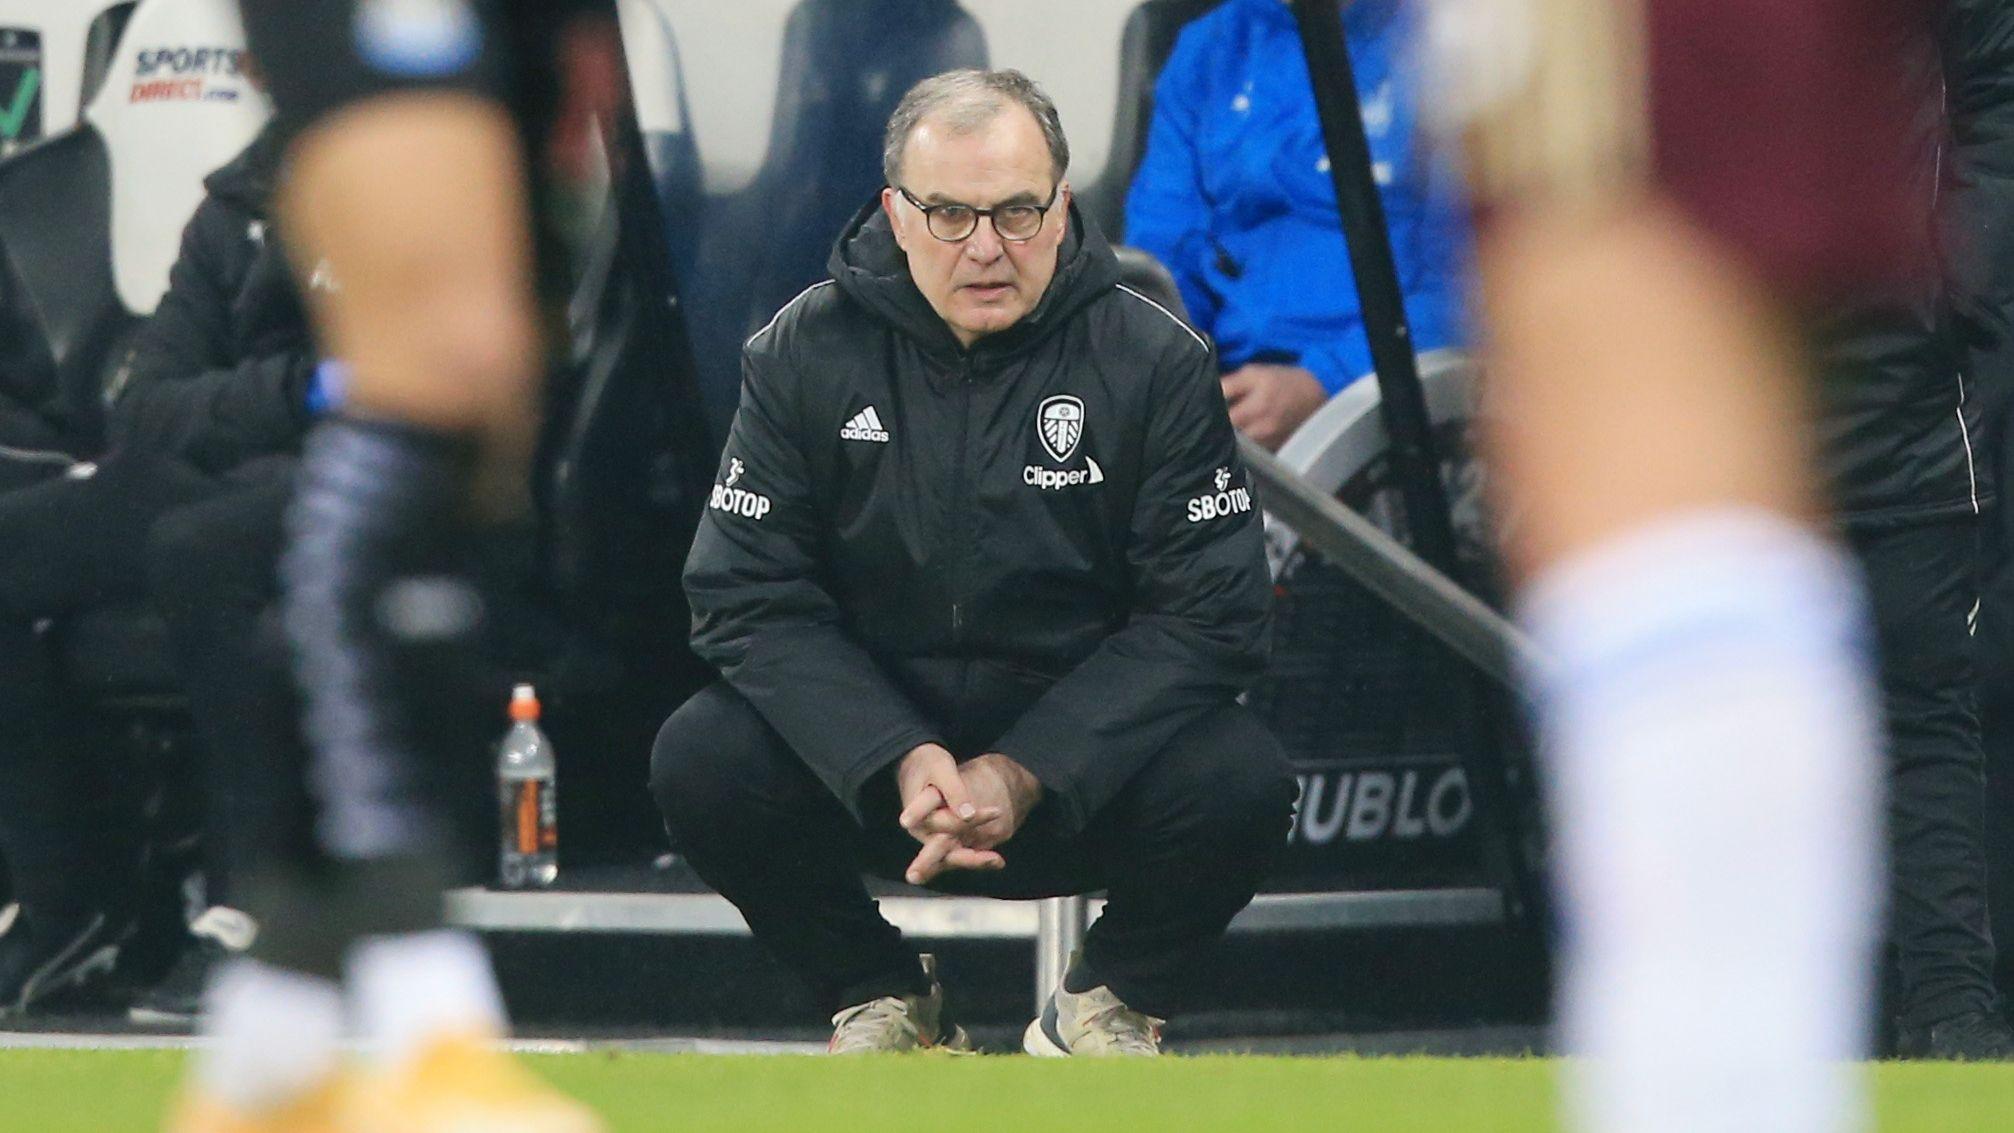 El Leeds de Bielsa volvió al triunfo luego de tres derrotas al hilo (REUTERS/Lindsey Parnaby)